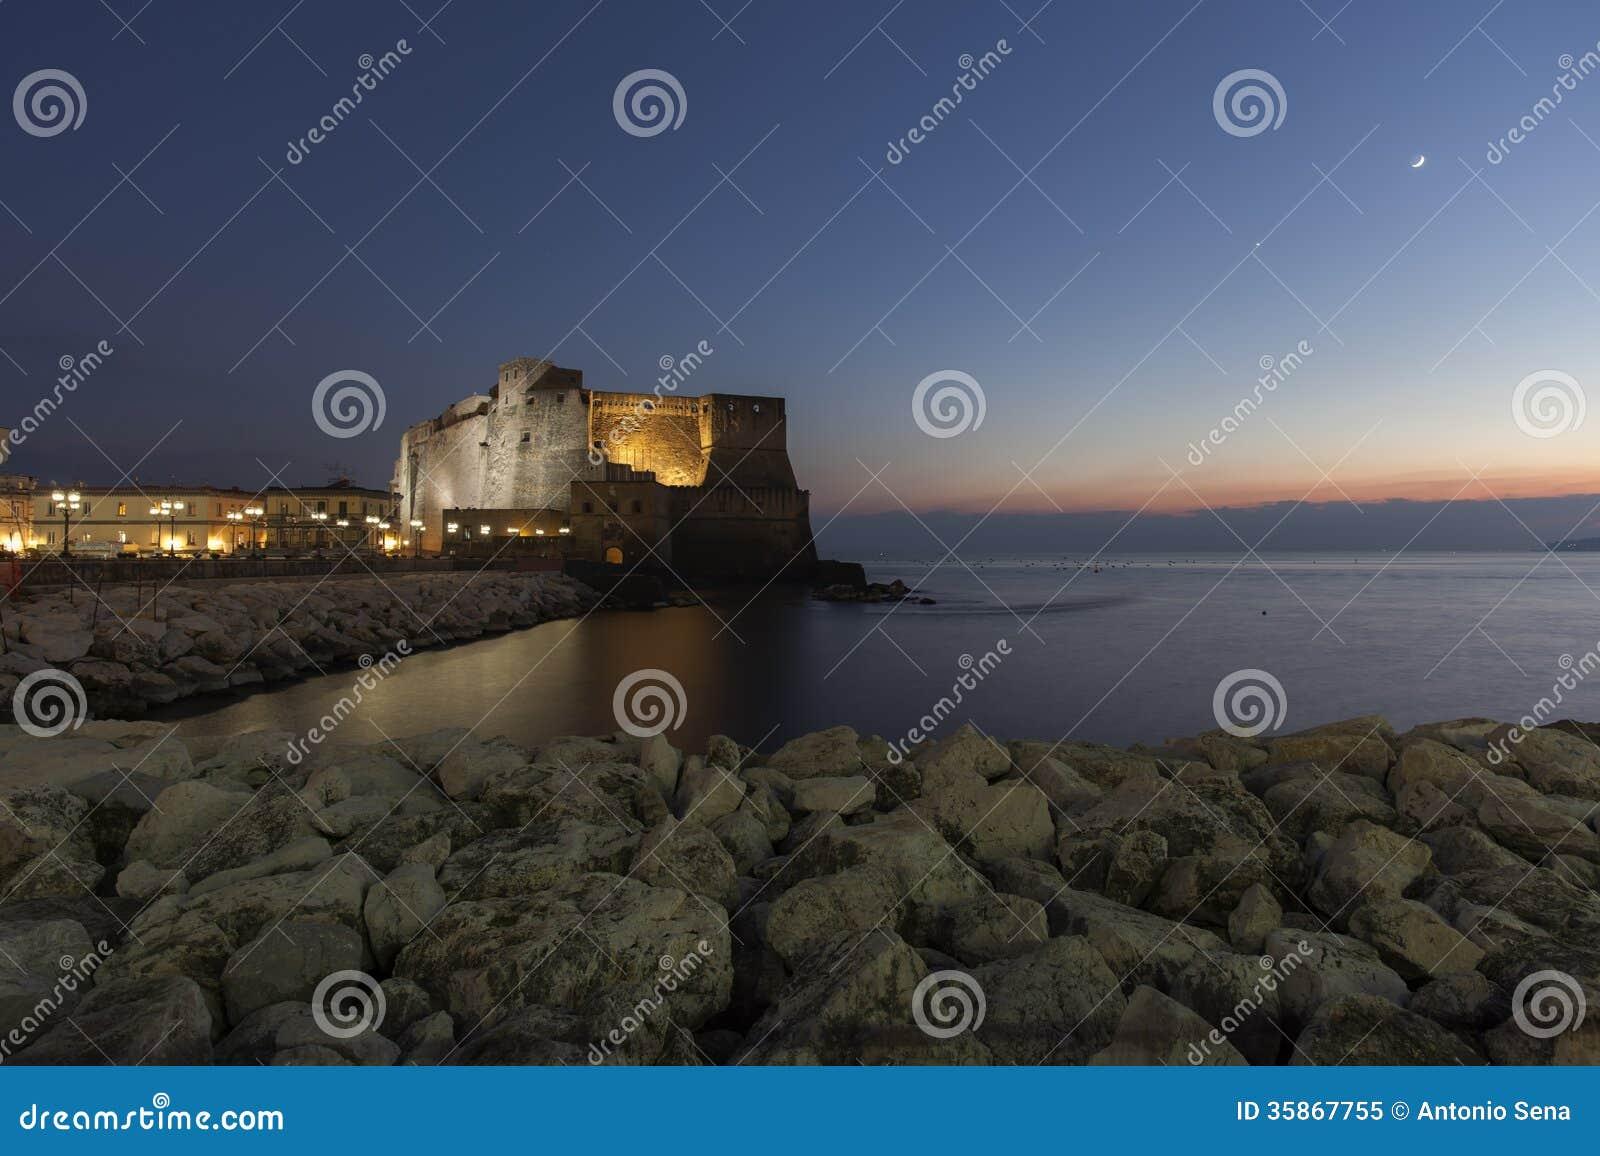 Naples, dell ovo de castel